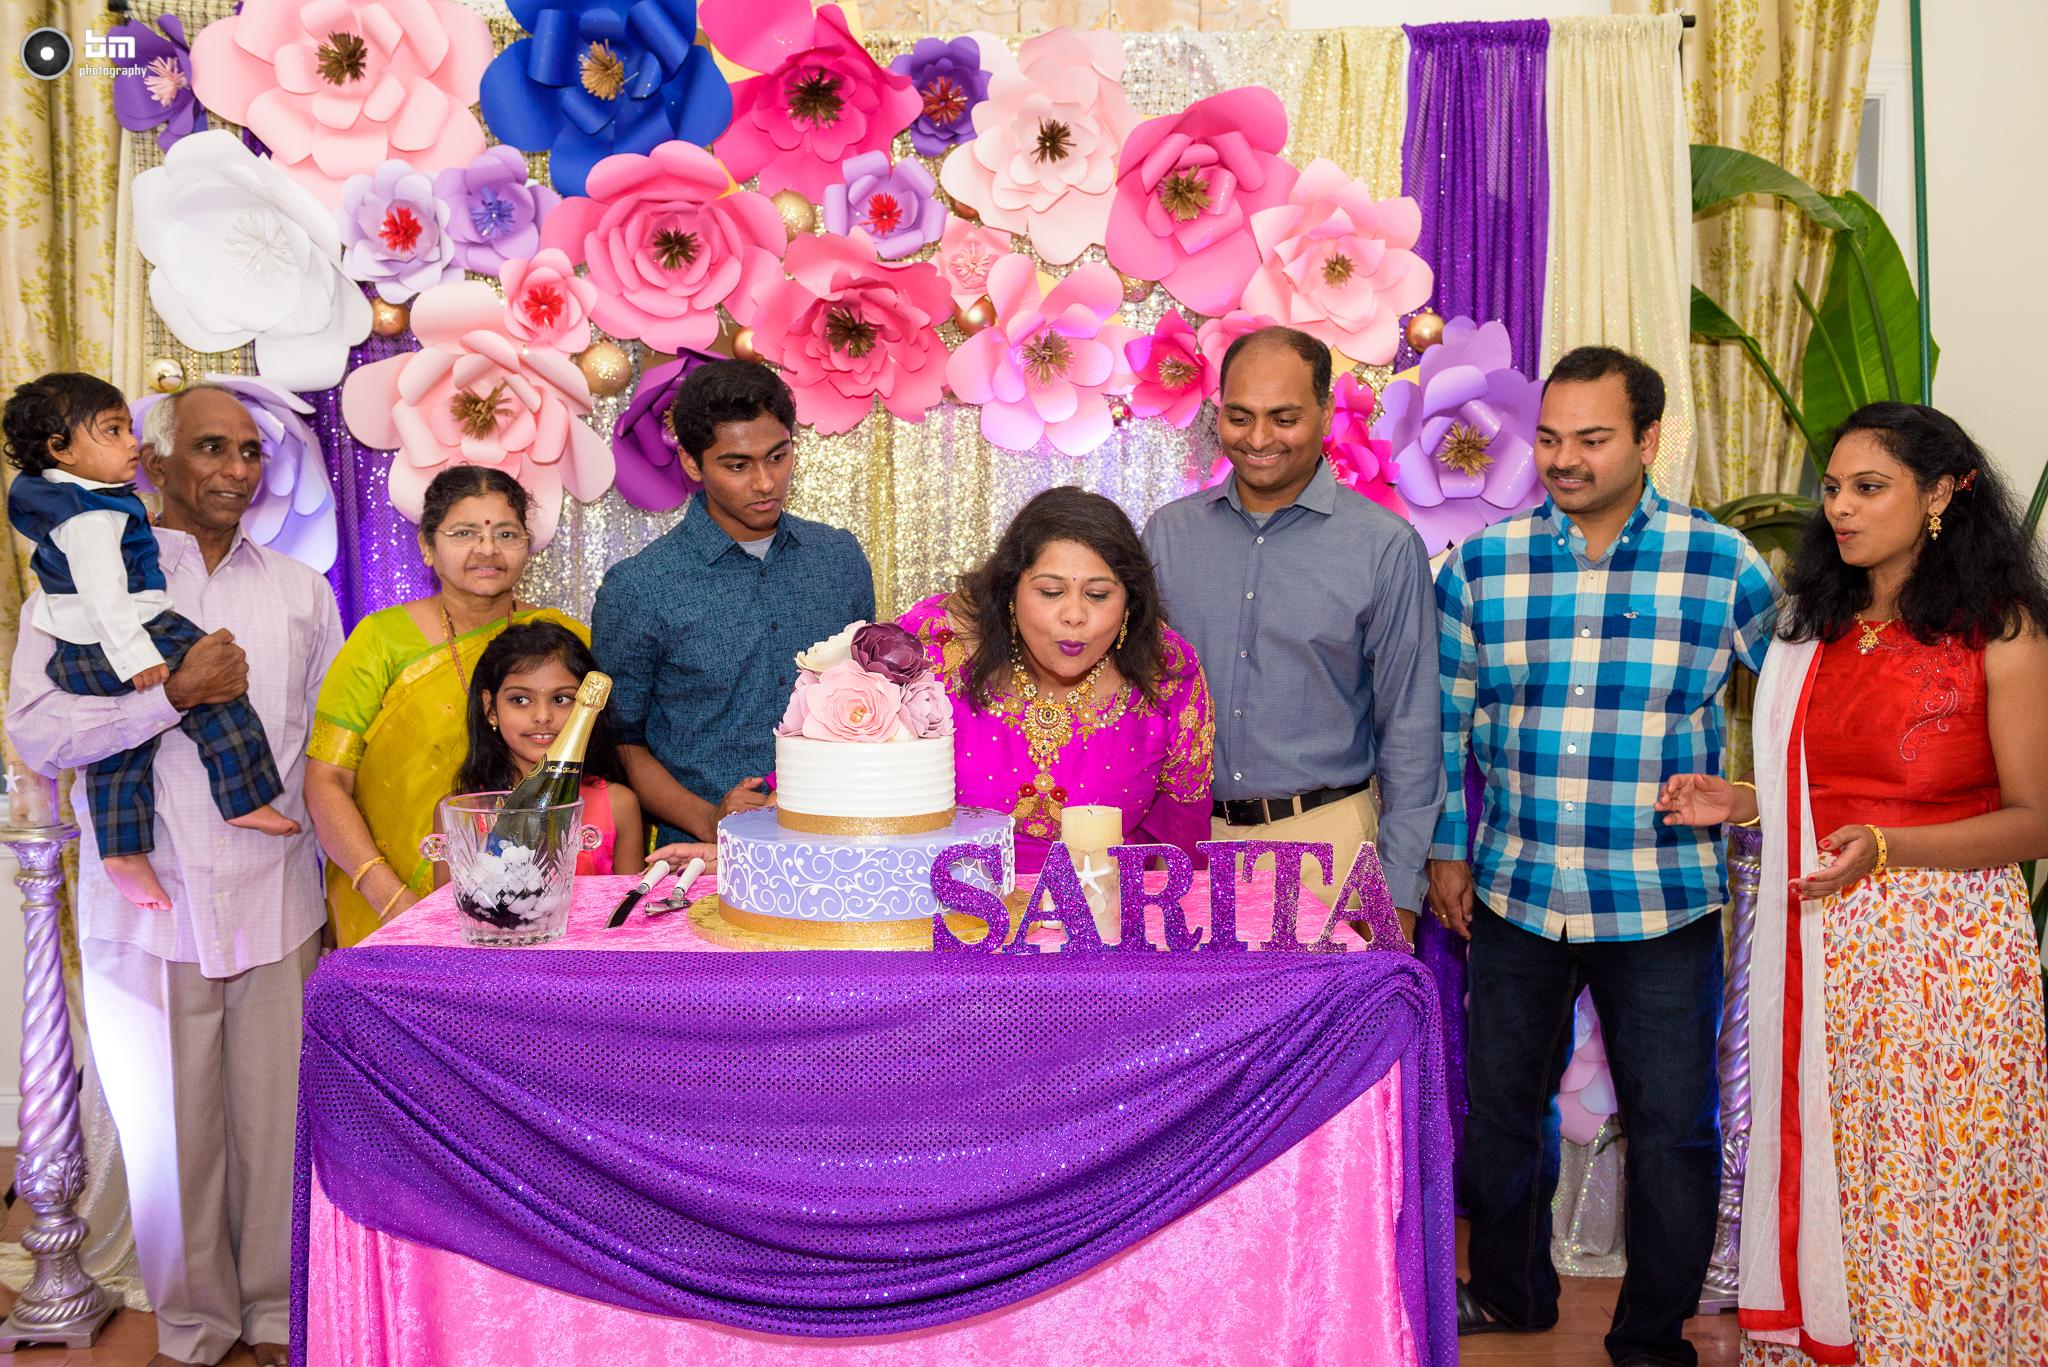 SARITA_0157